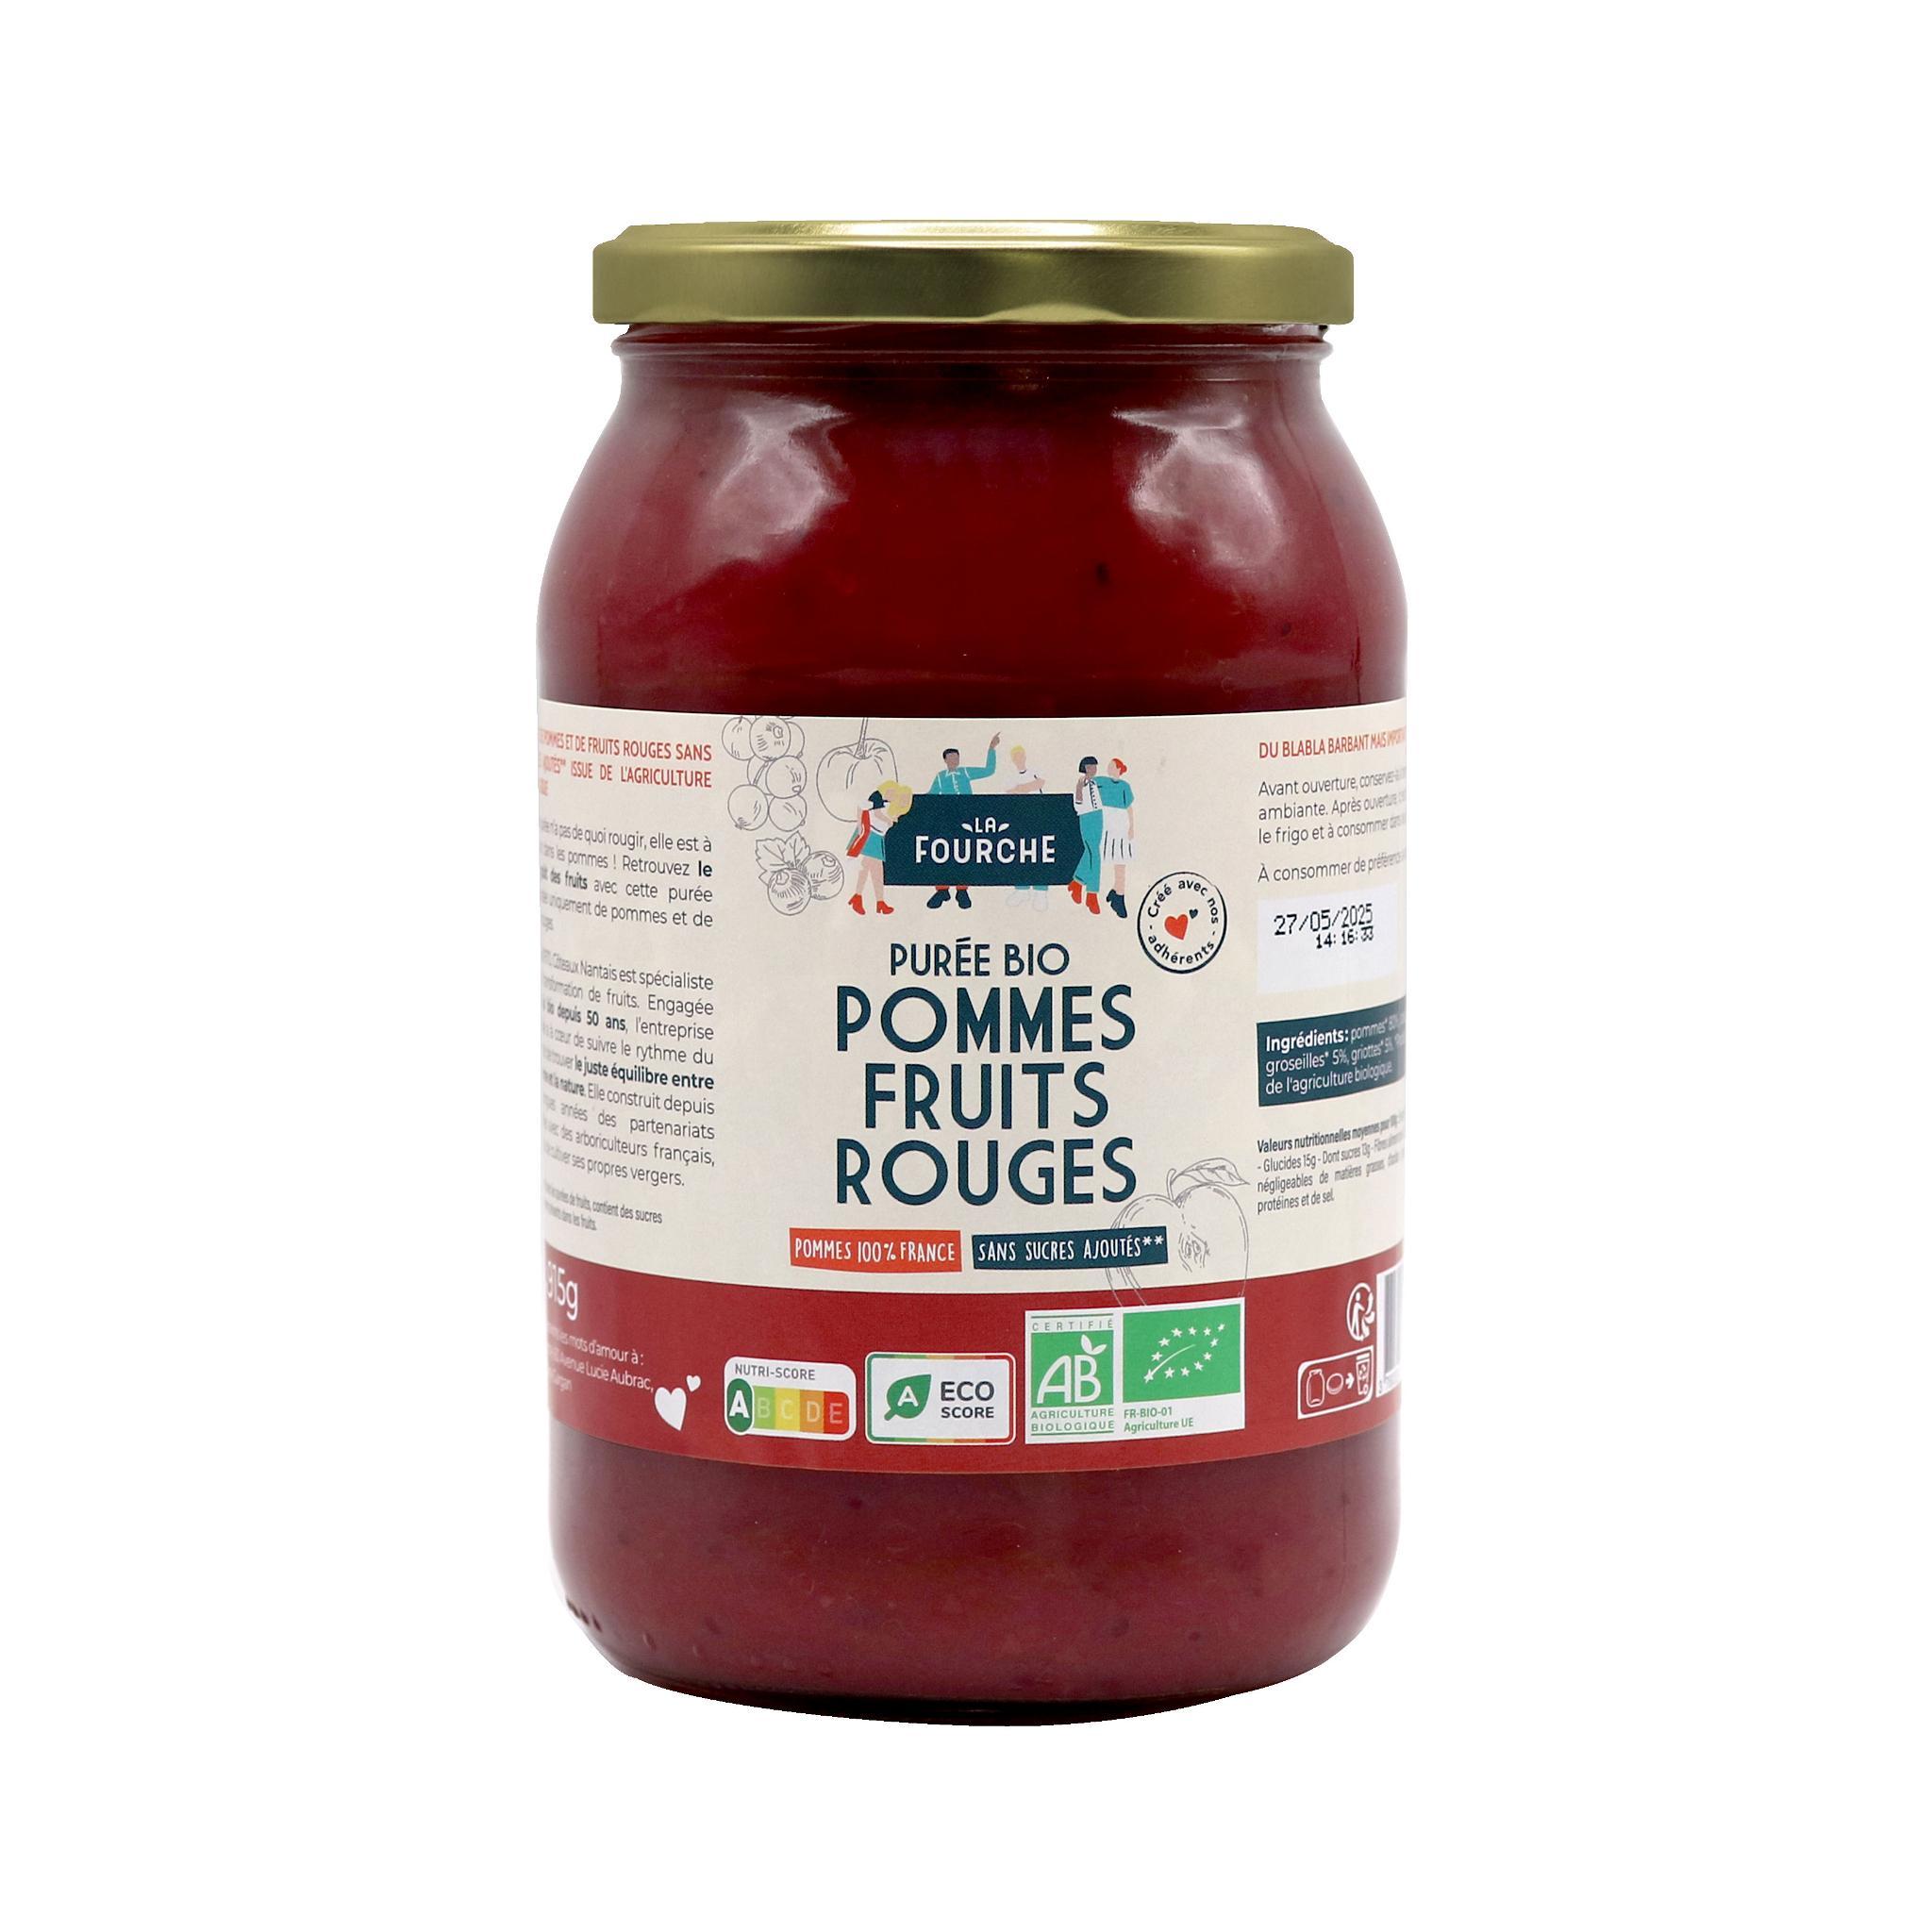 img-la-fourche-puree-de-pommes-fruits-rouges-bio-0-915kg